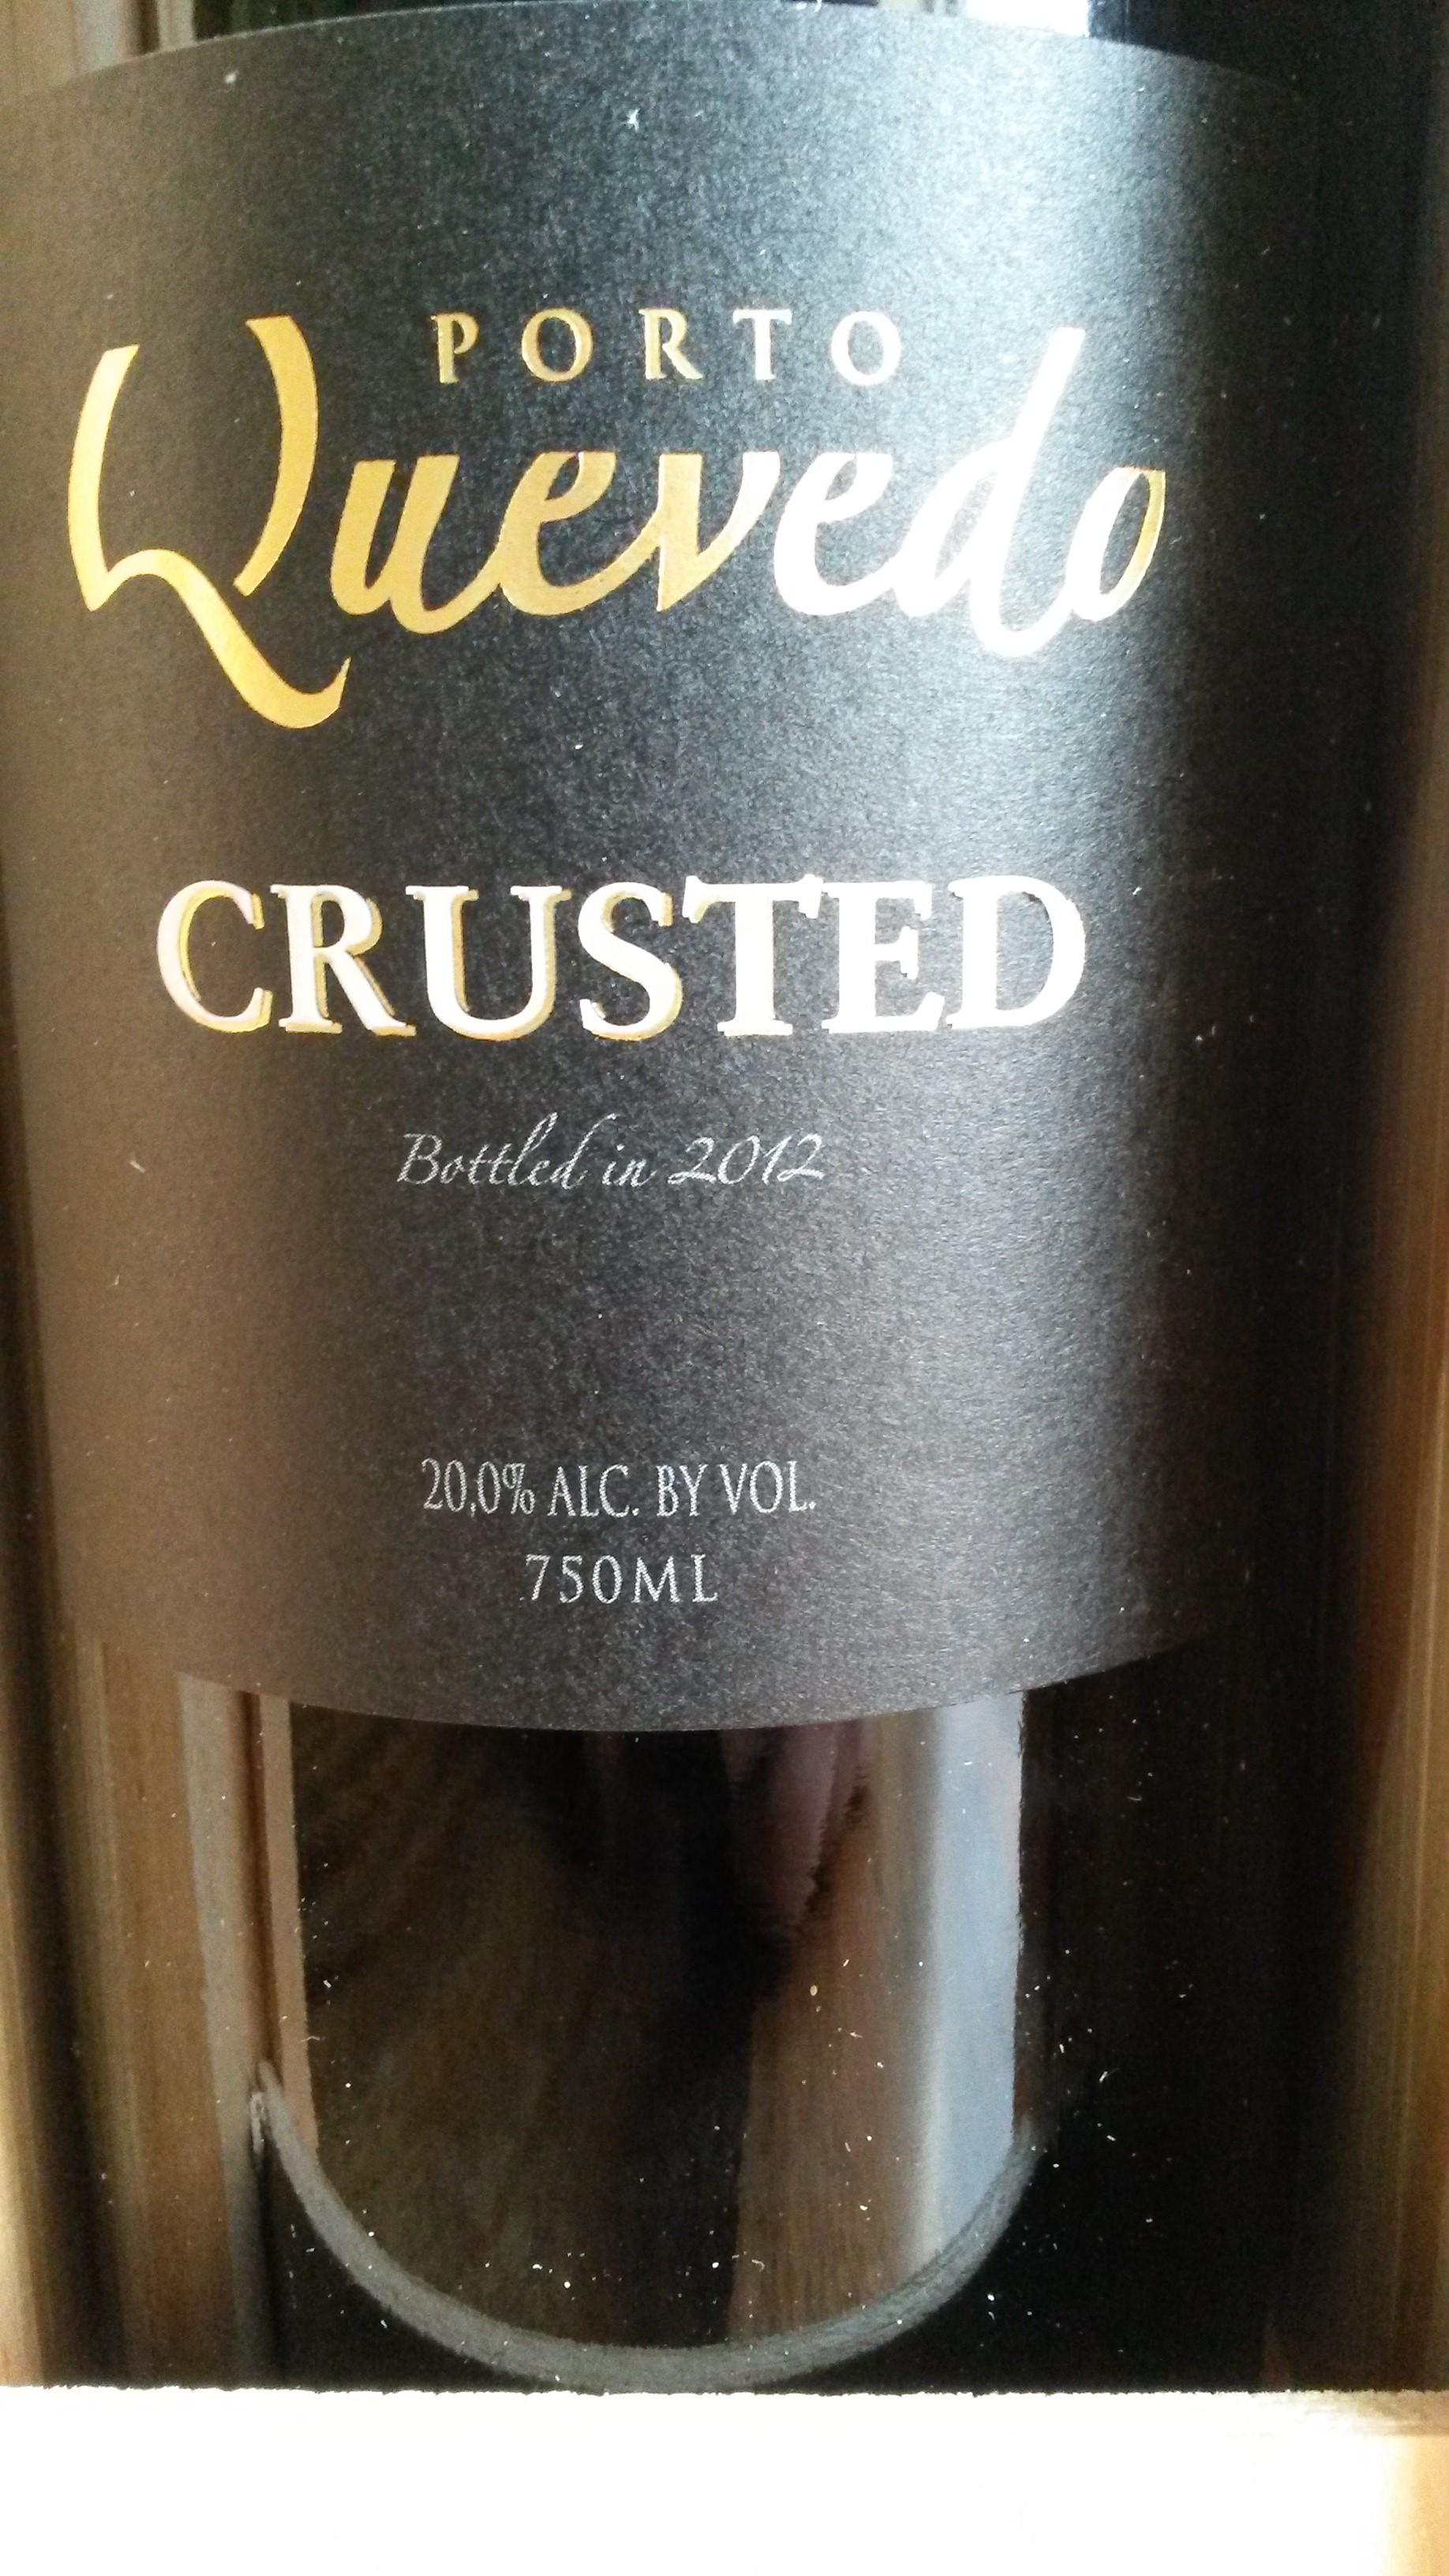 Quevedo crusted